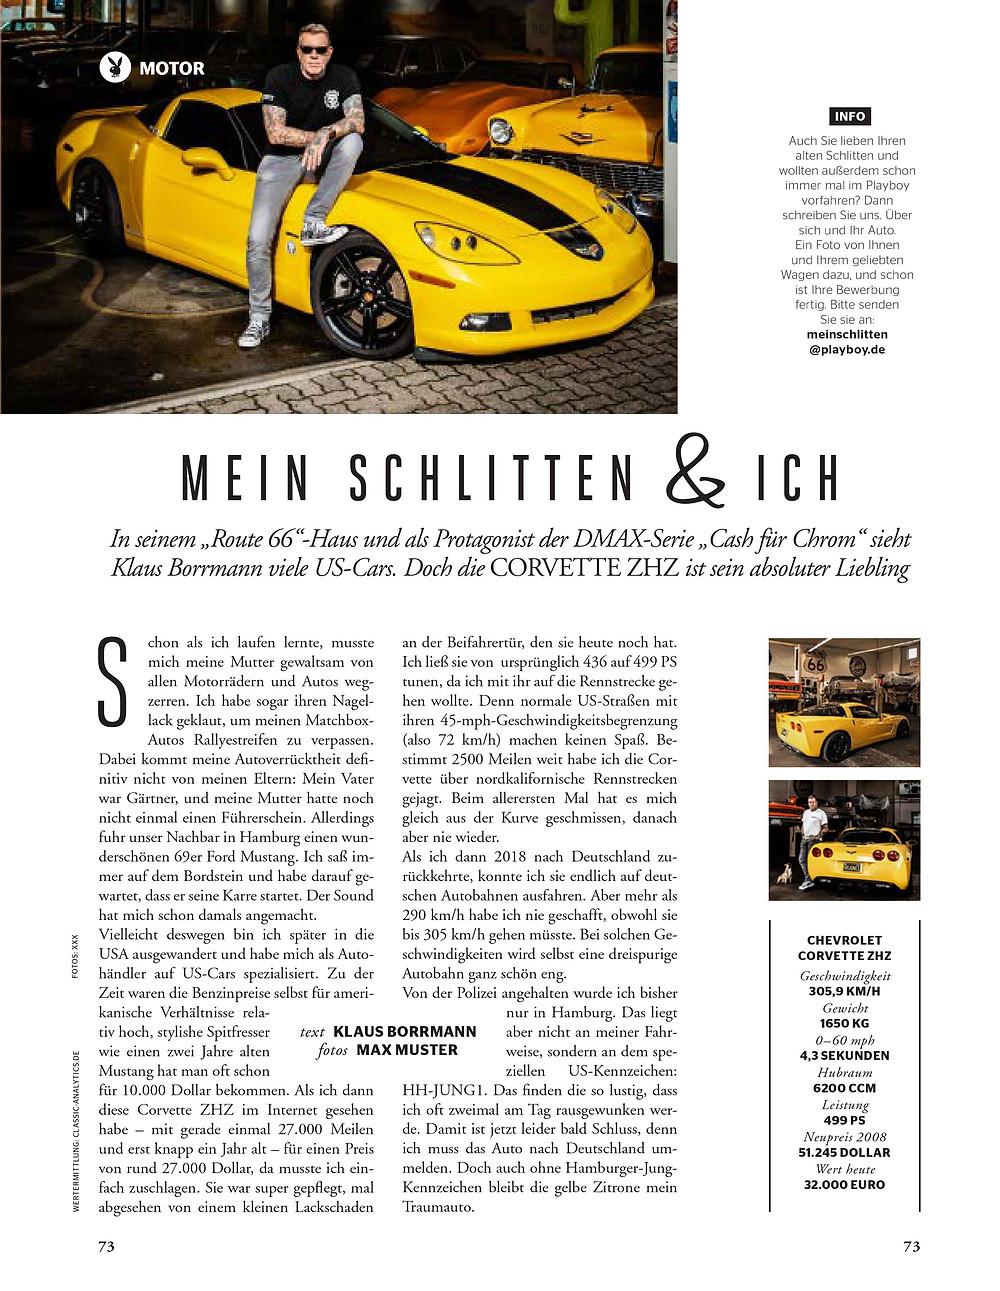 Route66-HH_US-Cars_Klaus Borrmann Cash für Chrom Playboy-Ausgabe